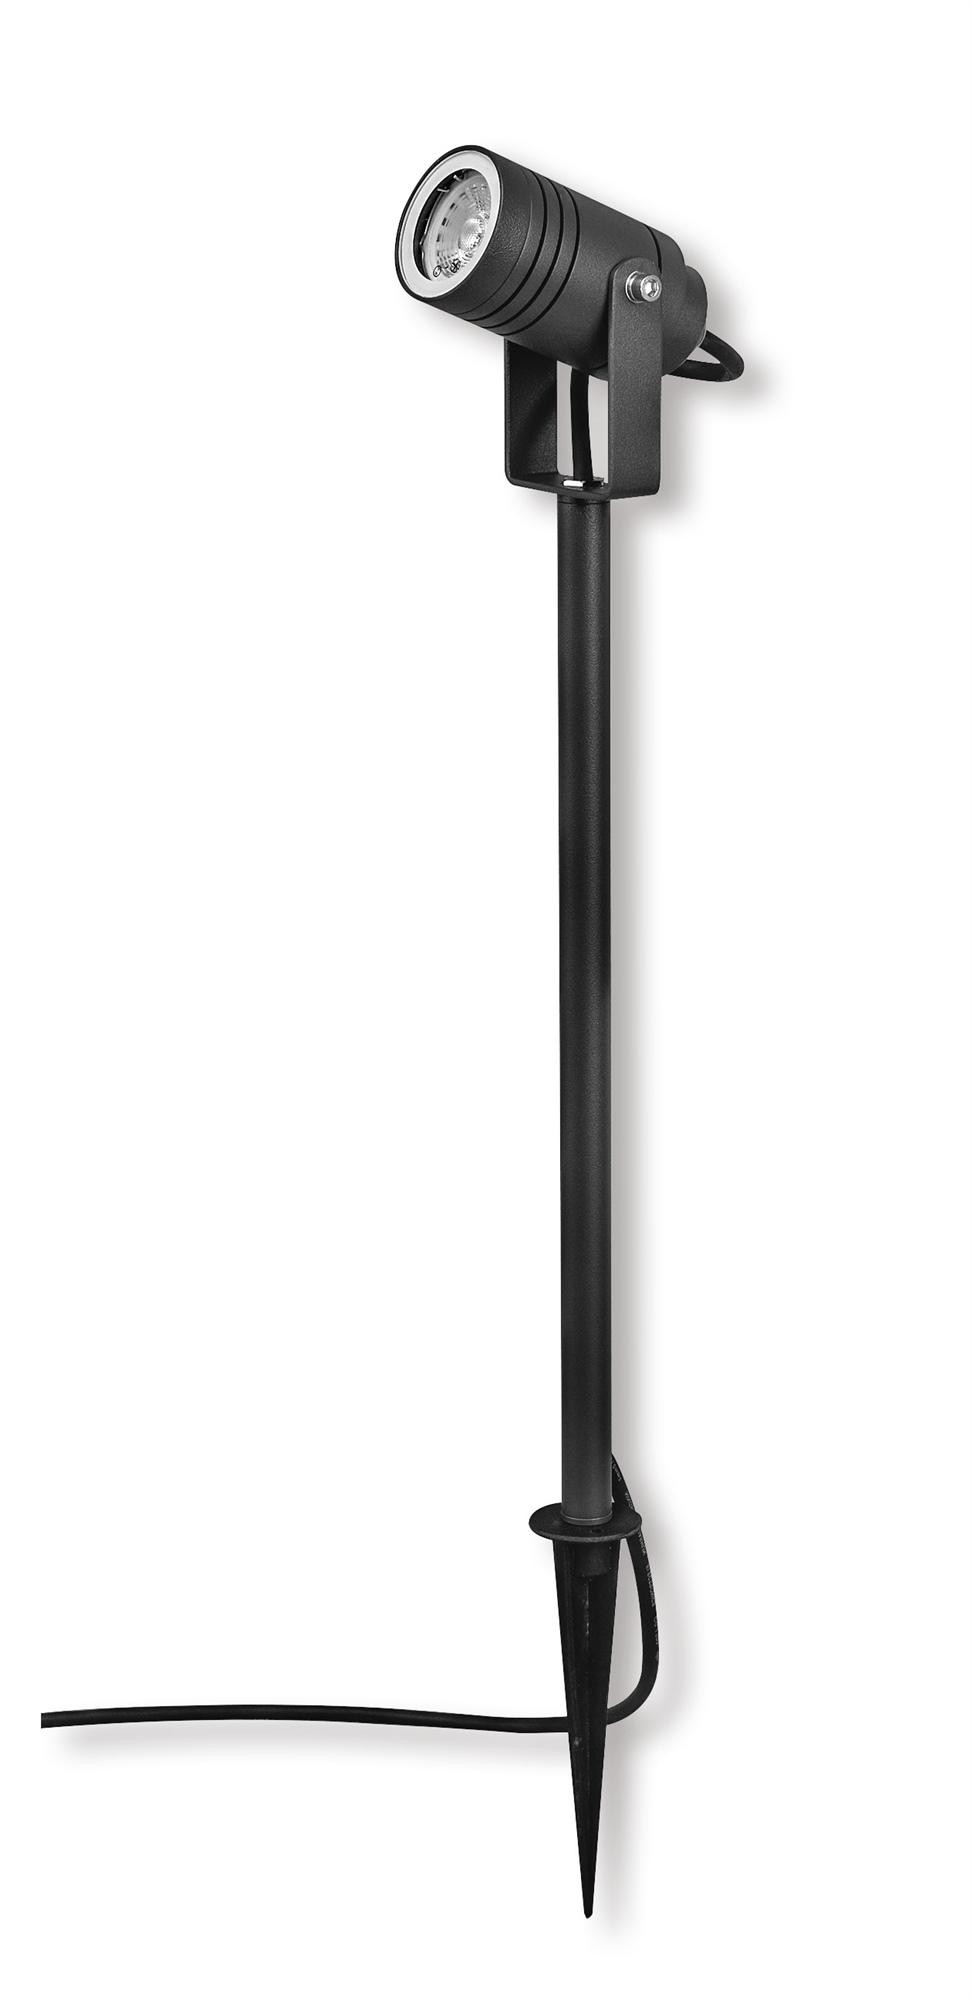 Lampenlux Außenleuchte Taura Aluminium Schwarz 500lm 7W LED 4000K IP65